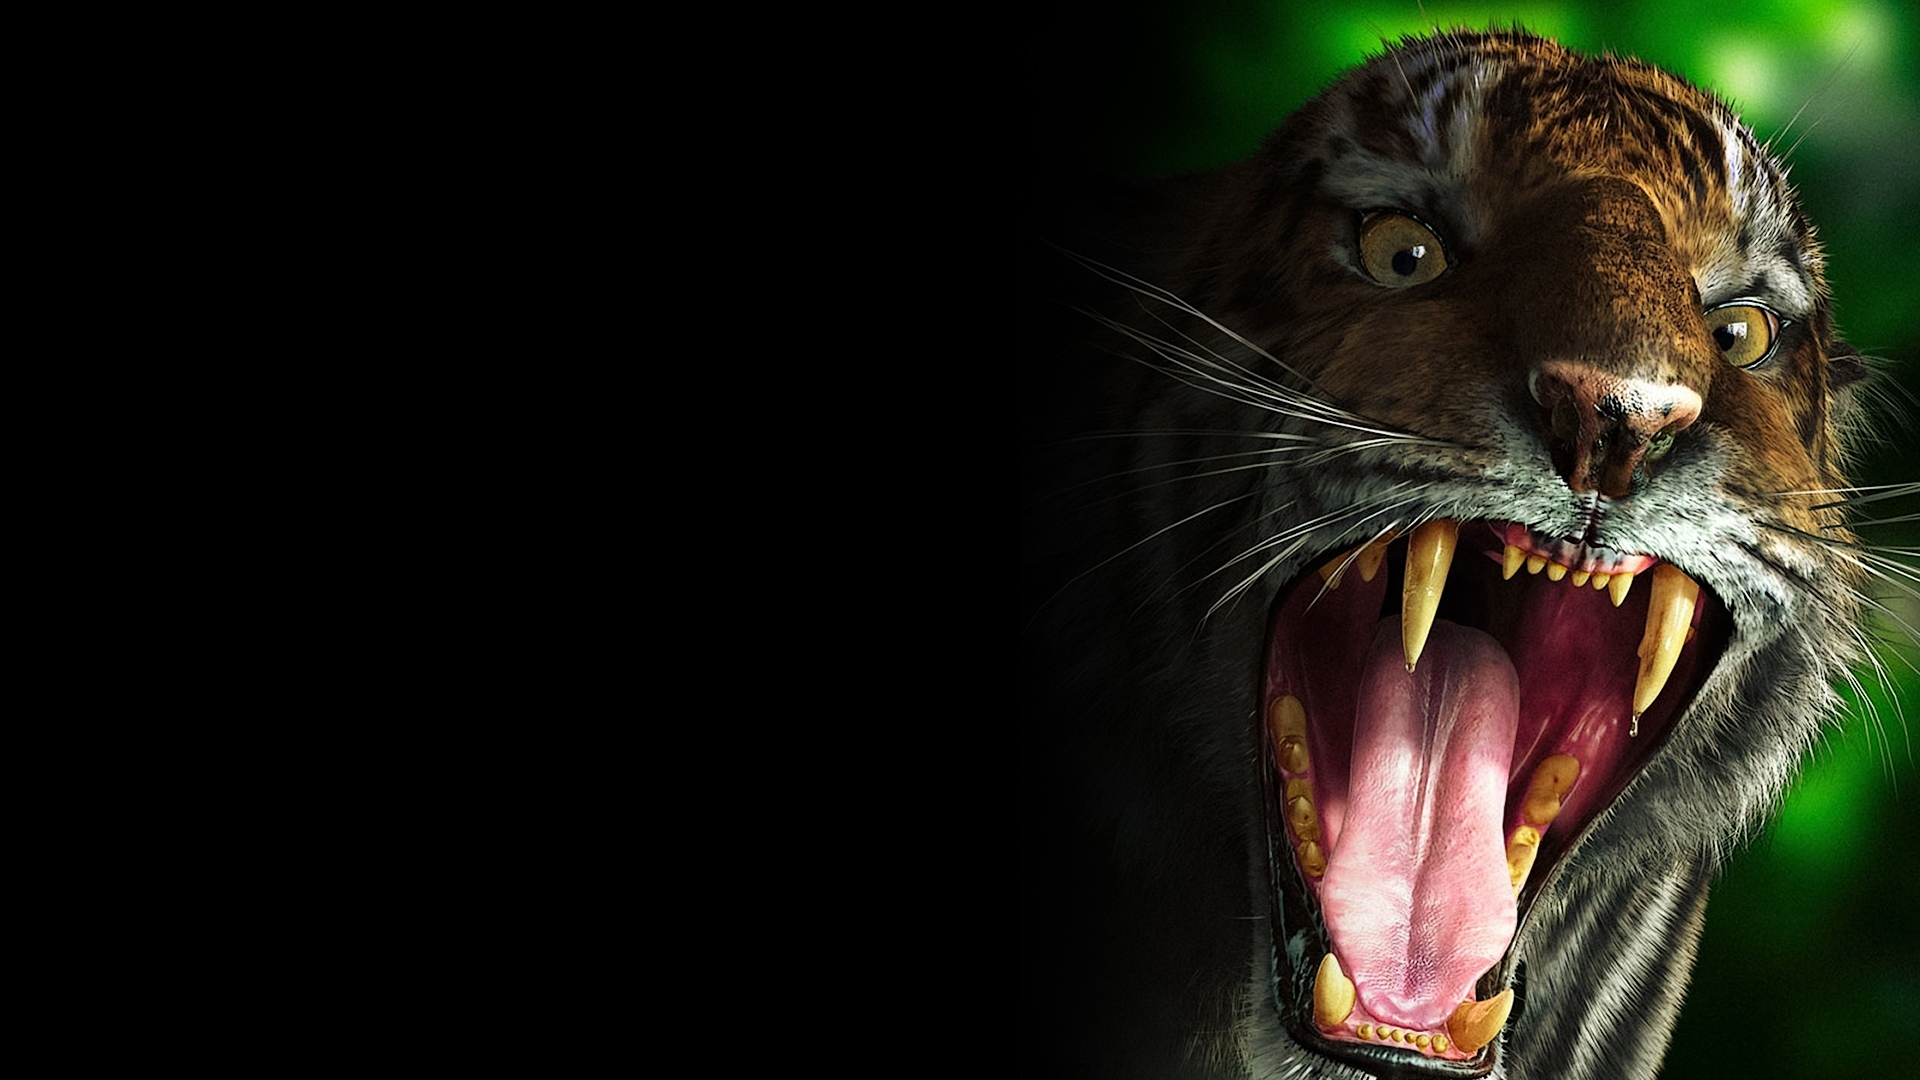 Hd wallpaper evil - Wallpaper 1920x1080 Tiger Teeth Scary Evil Full Hd 1080p Hd